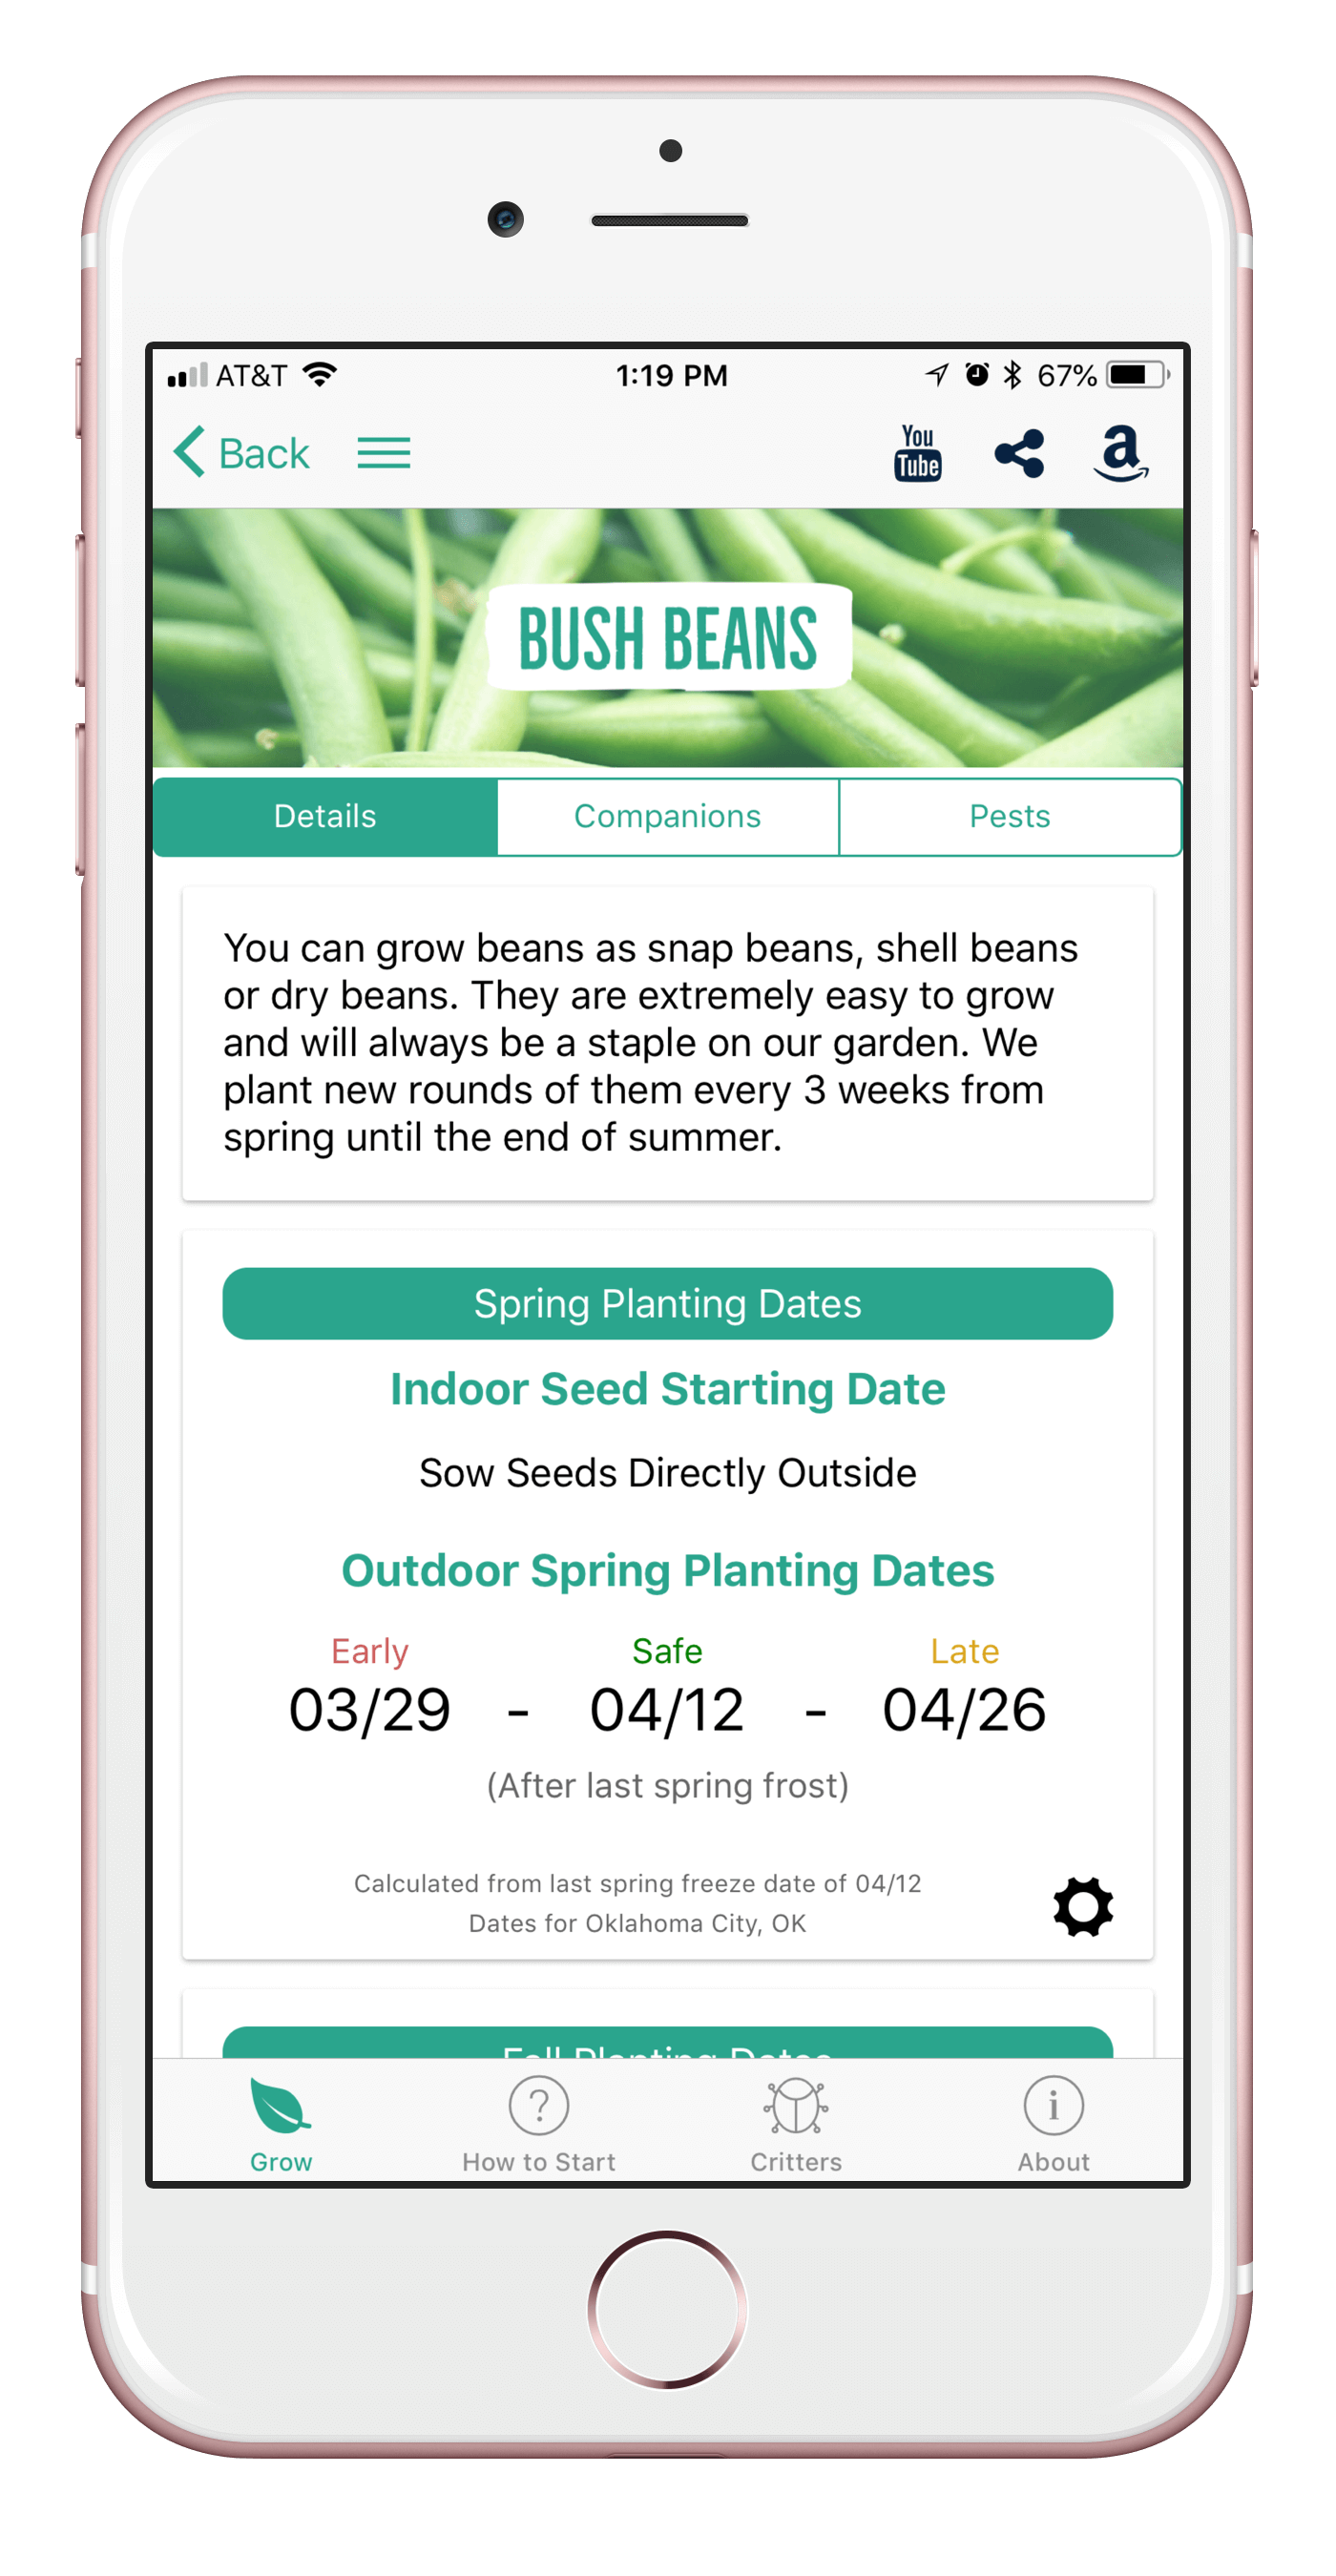 bushbeans